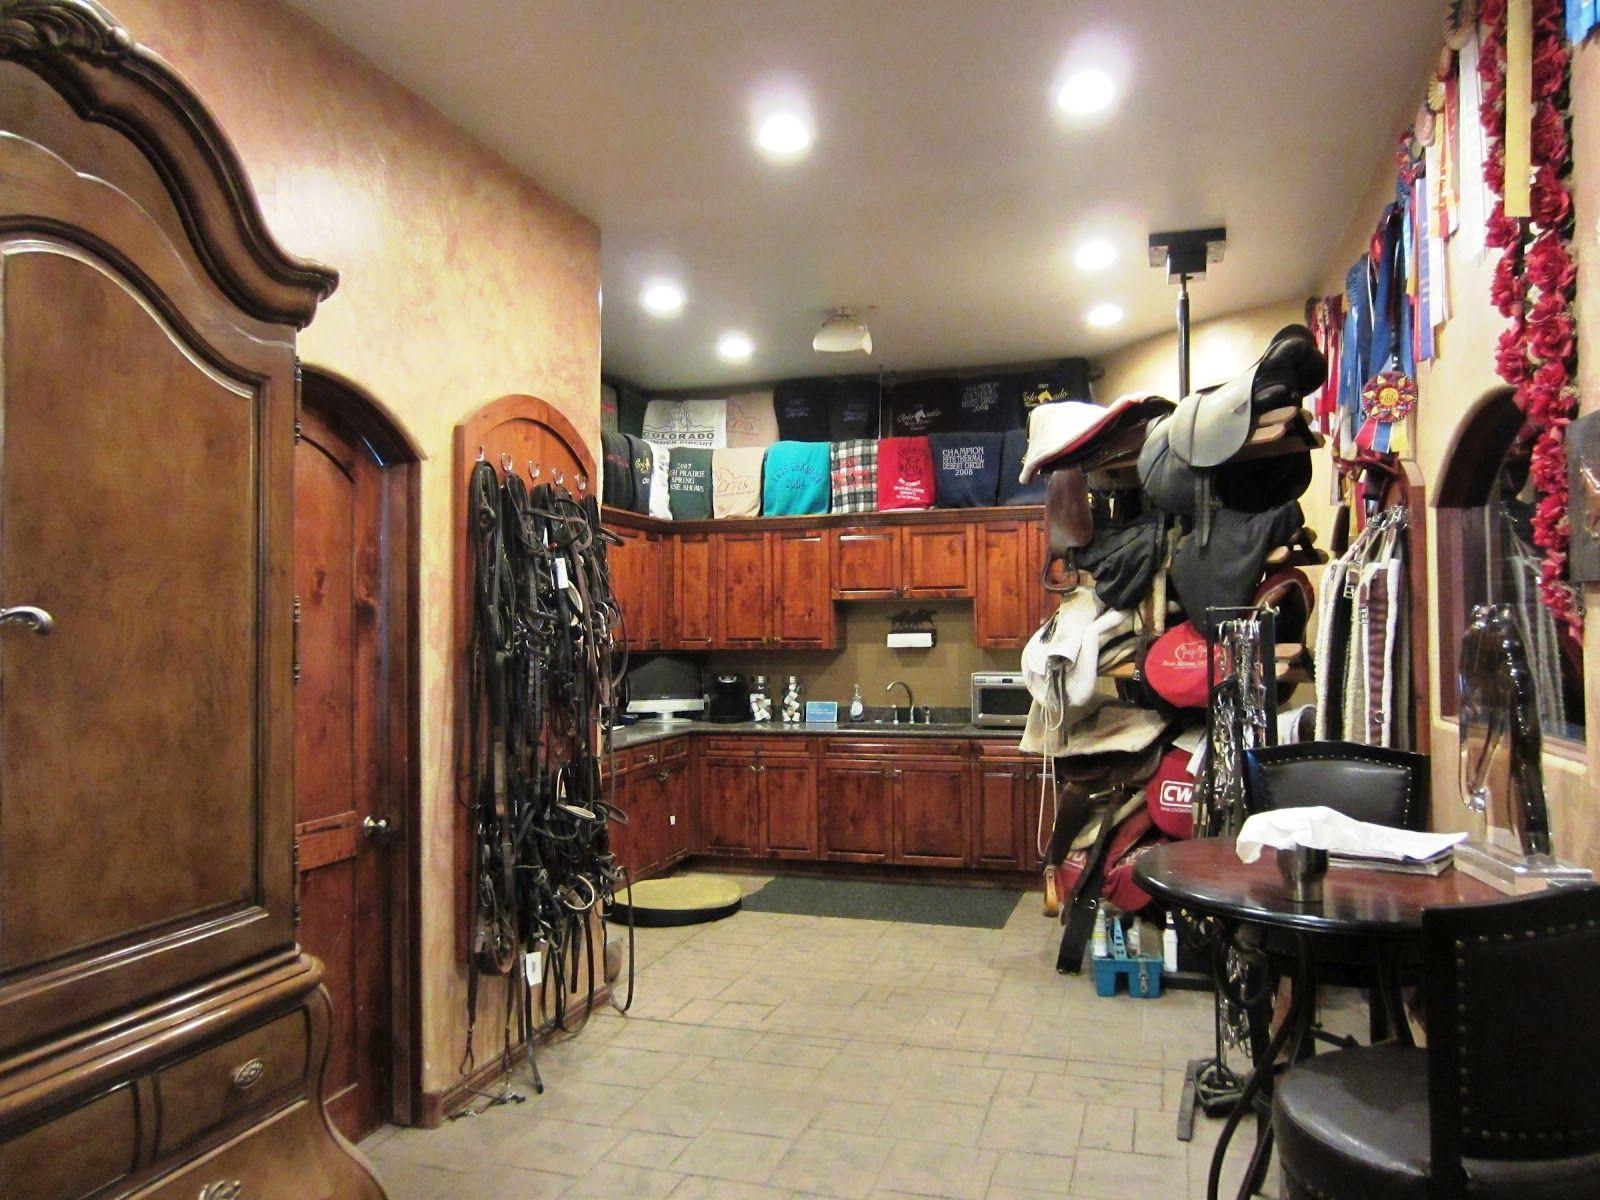 Tack Room Ideas Zadelkamers Paarden